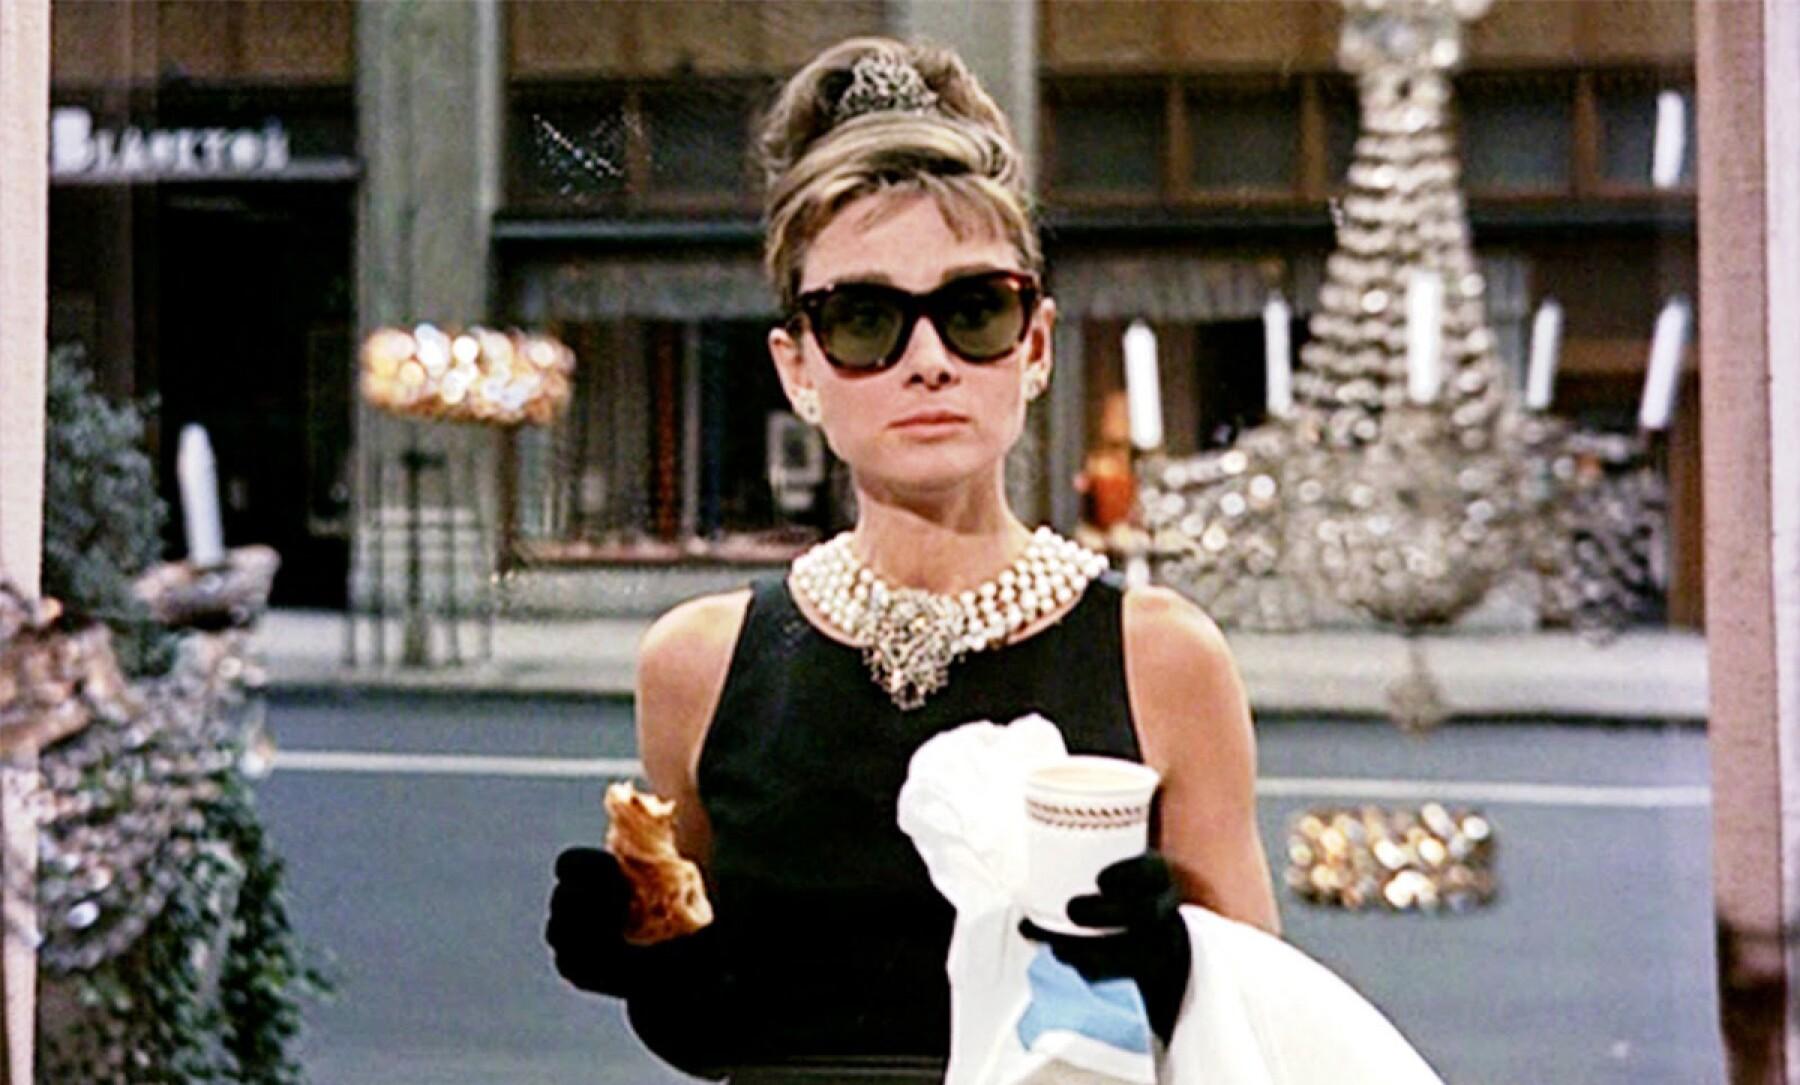 Foto: IMDb, Breakfast at Tiffany's (1961)